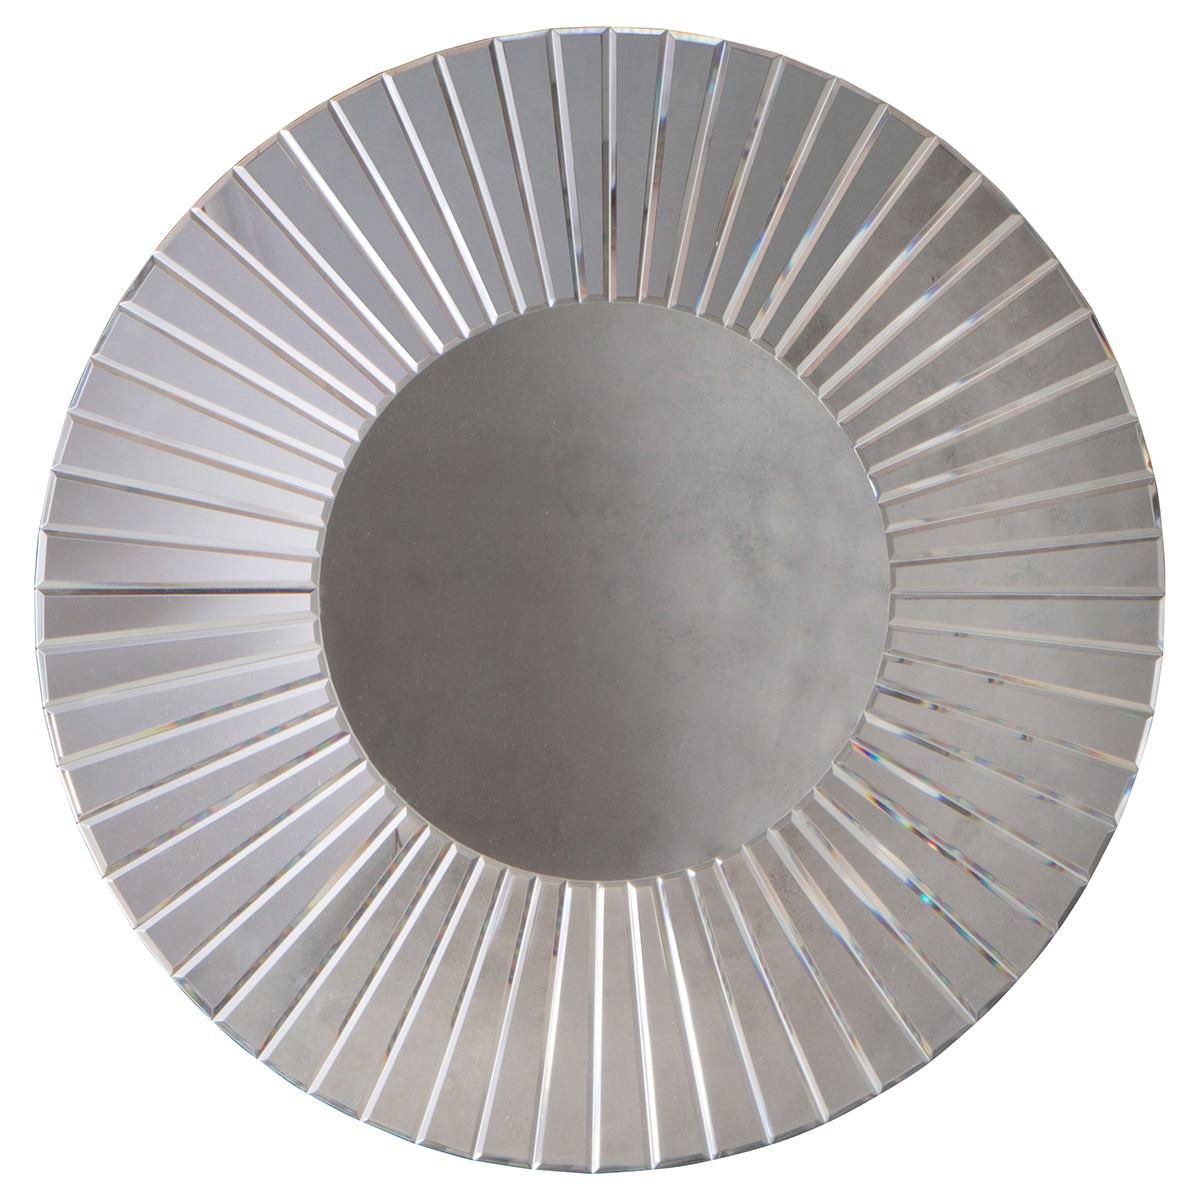 Frankie Round Wall Mirror, 80cm, Mirror